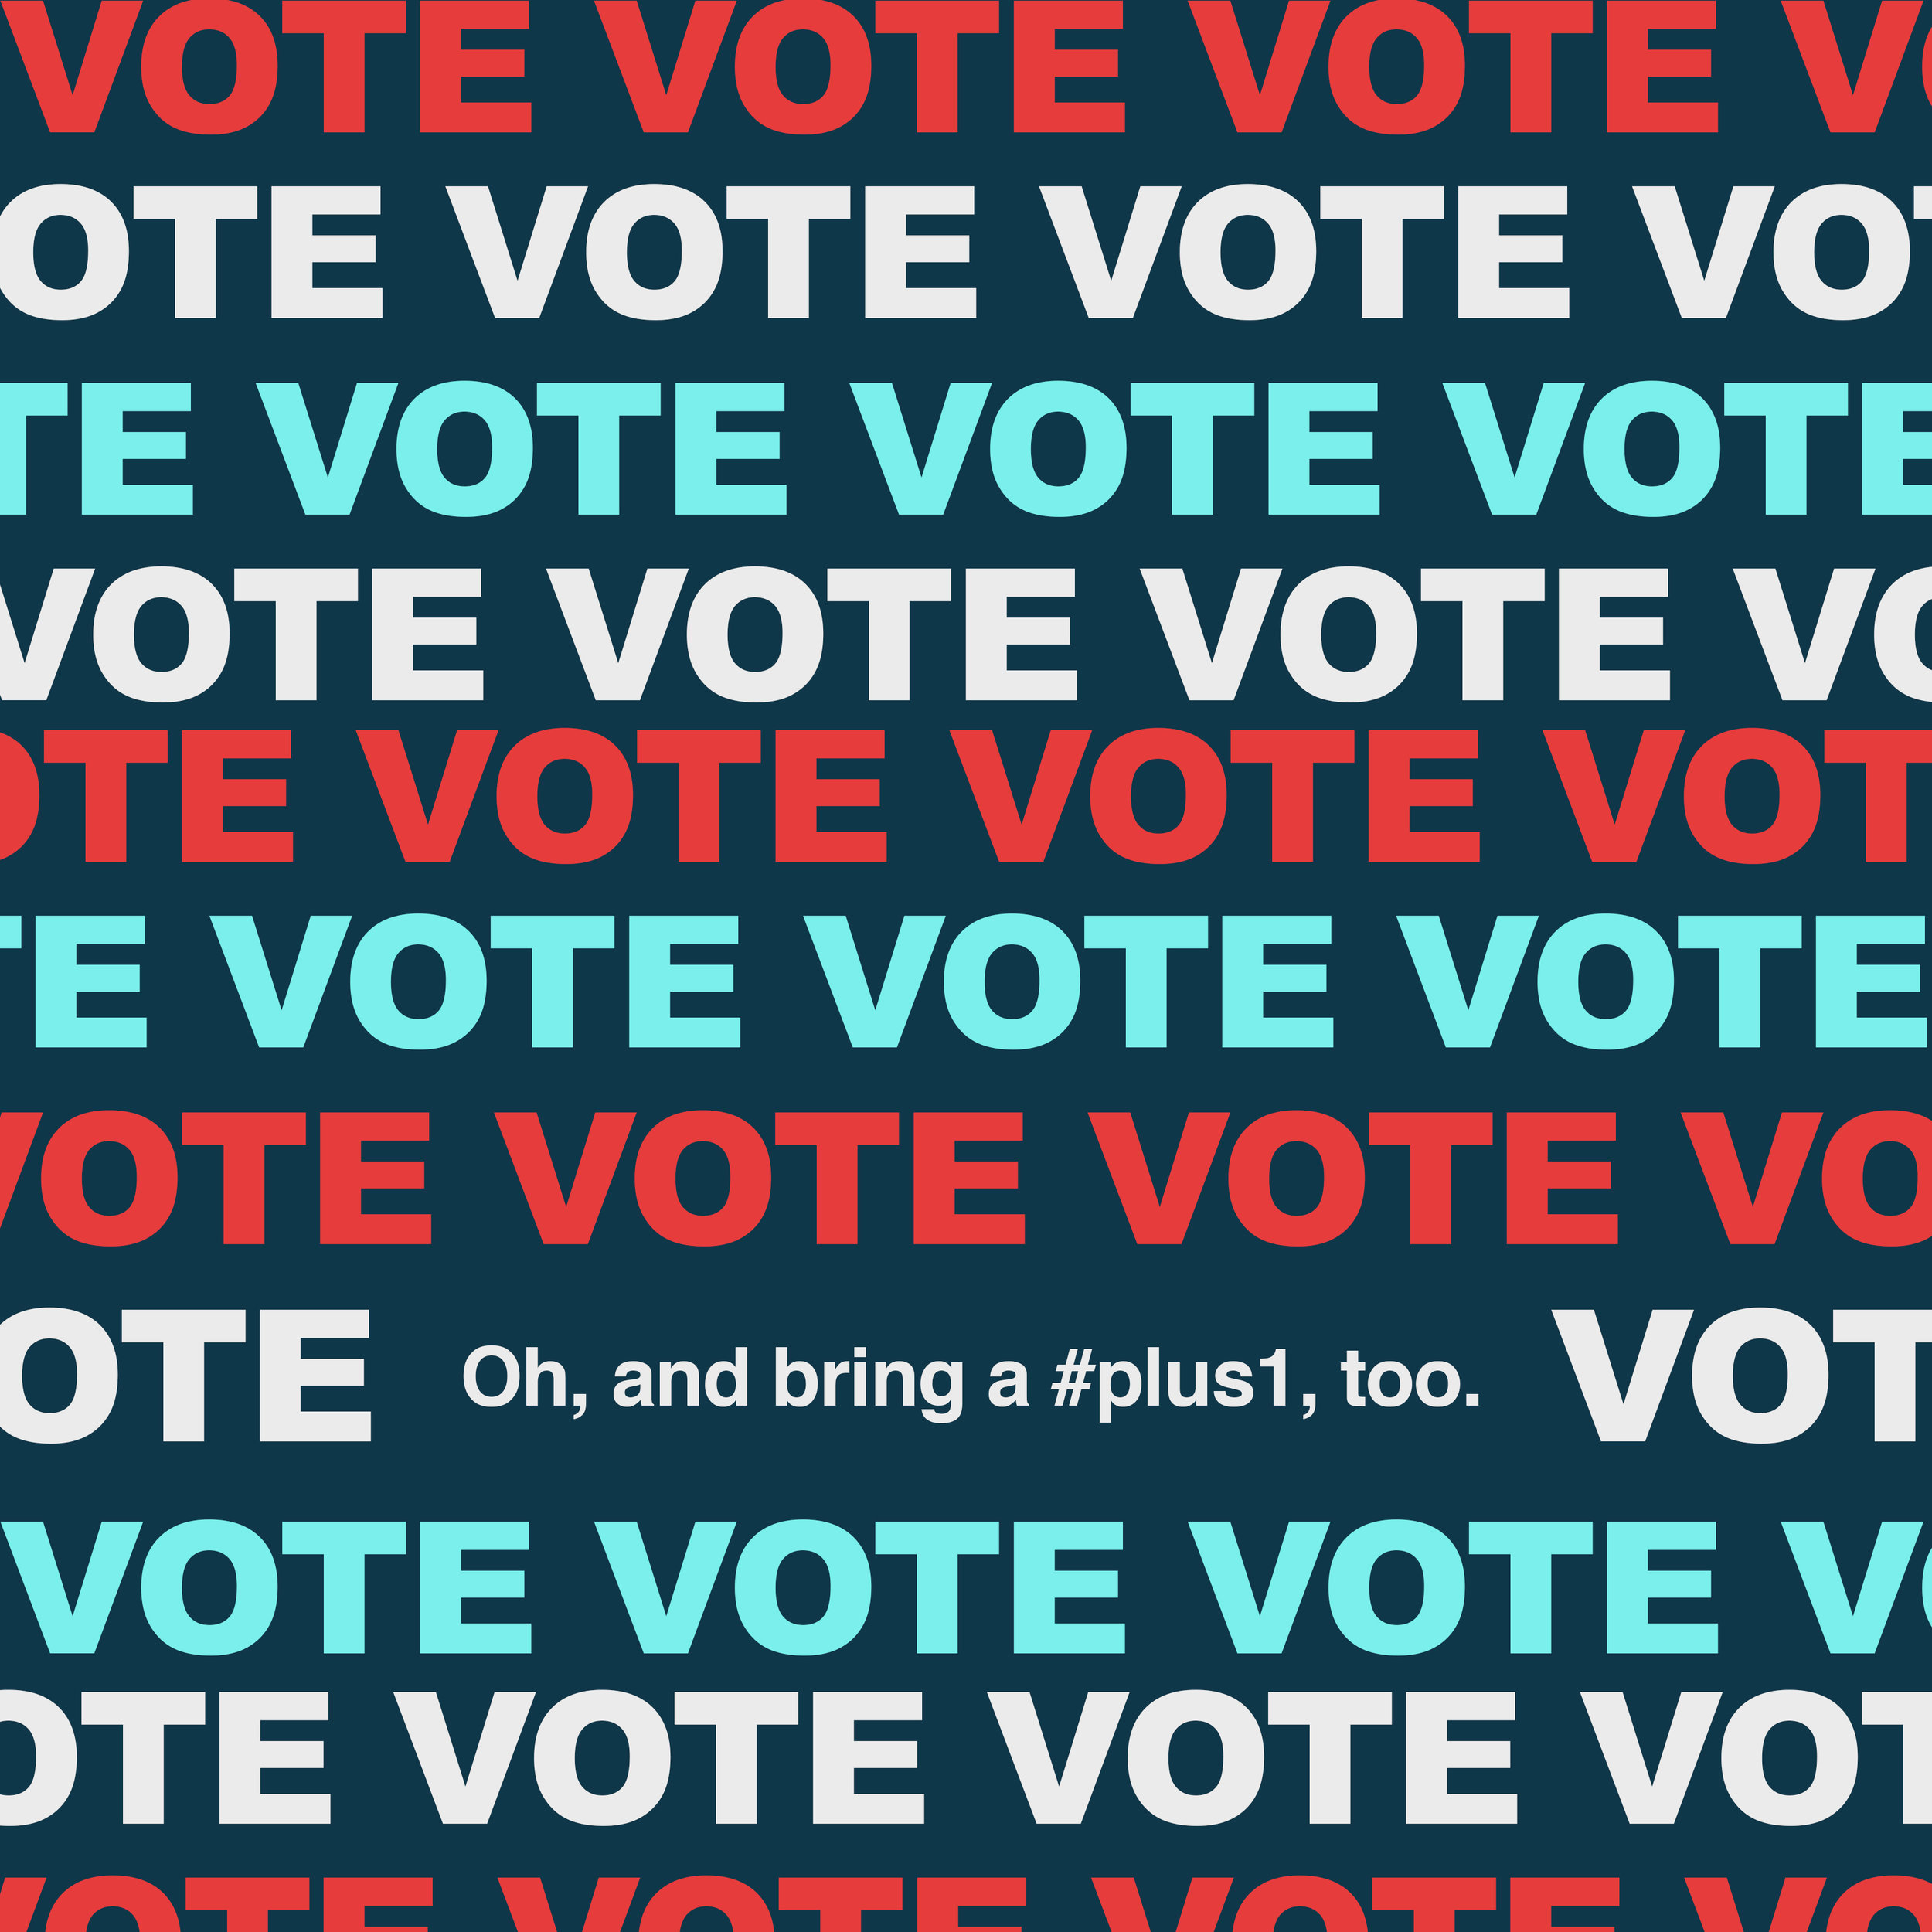 vote vote oh.jpg